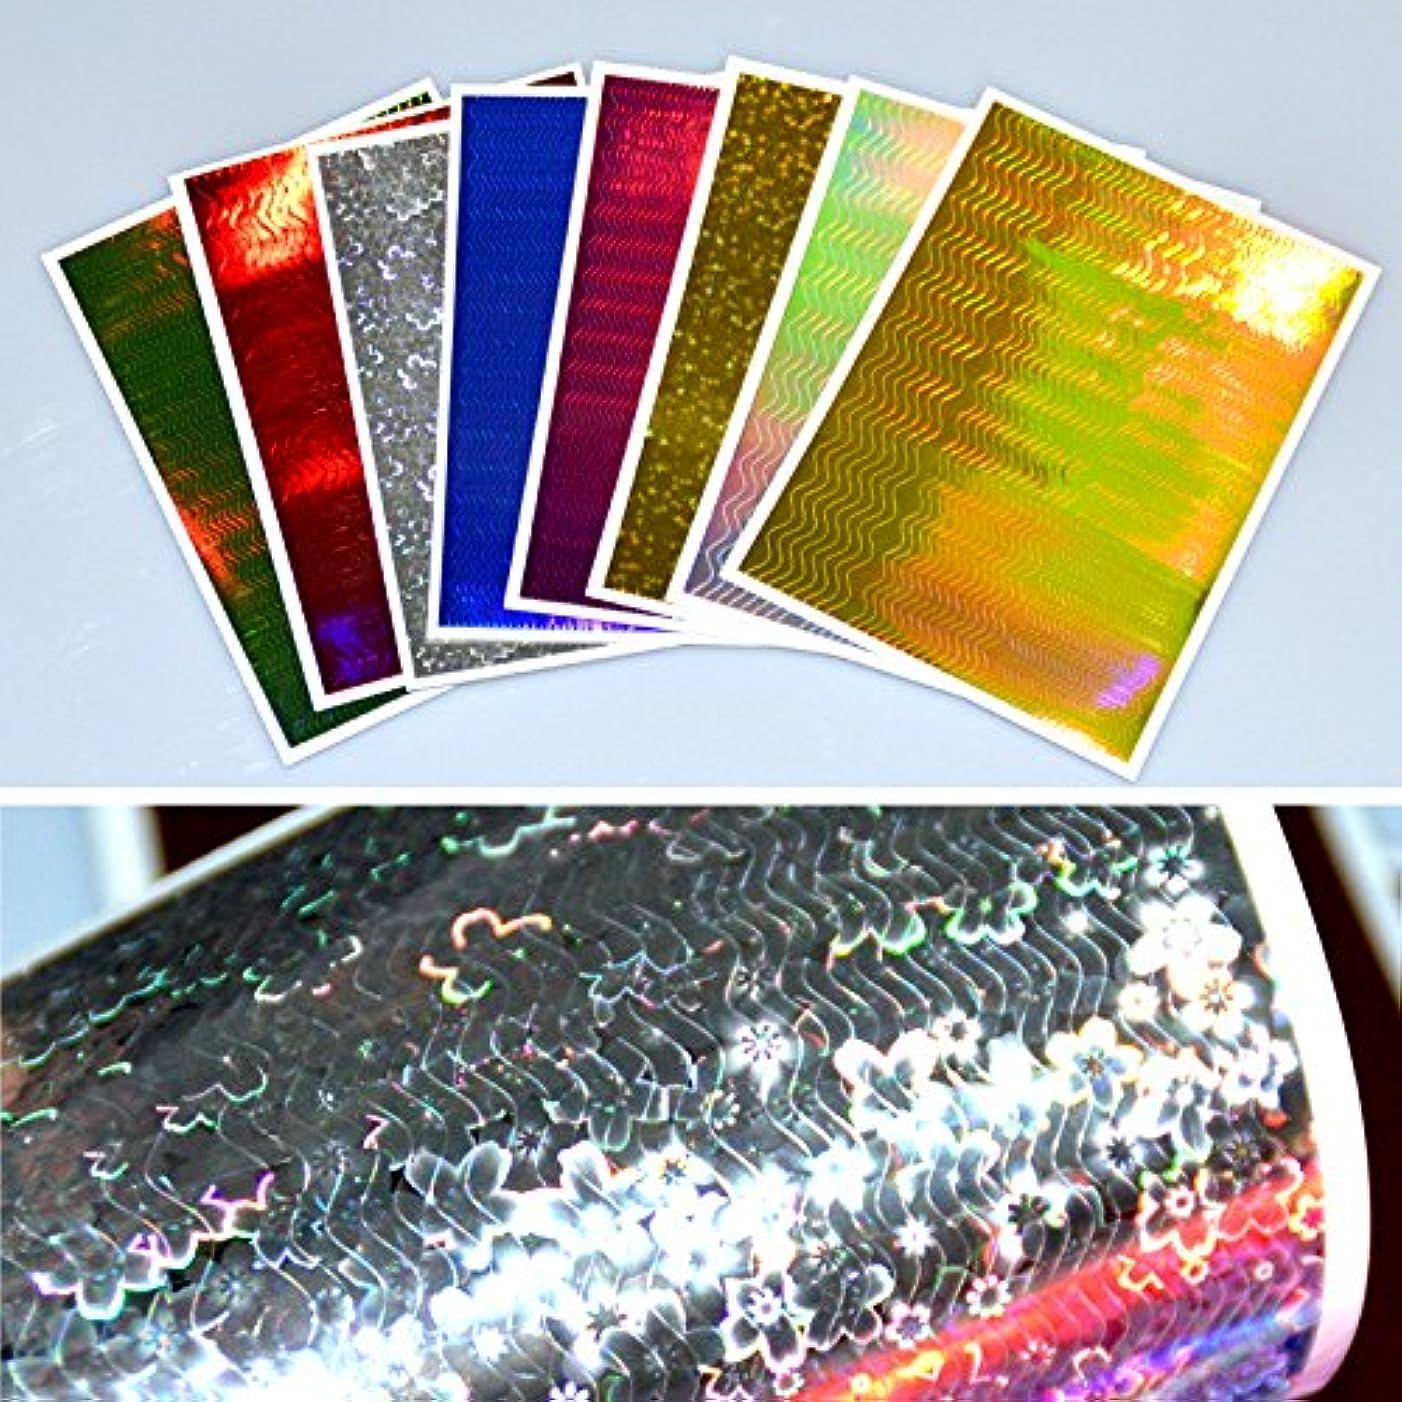 本能涙が出る祈りSUKTI&XIAO ネイルステッカー 8枚ホログラフィック3DネイルステッカーウェーブラインストライプテープDIY箔マニキュアネイルデカールステッカー